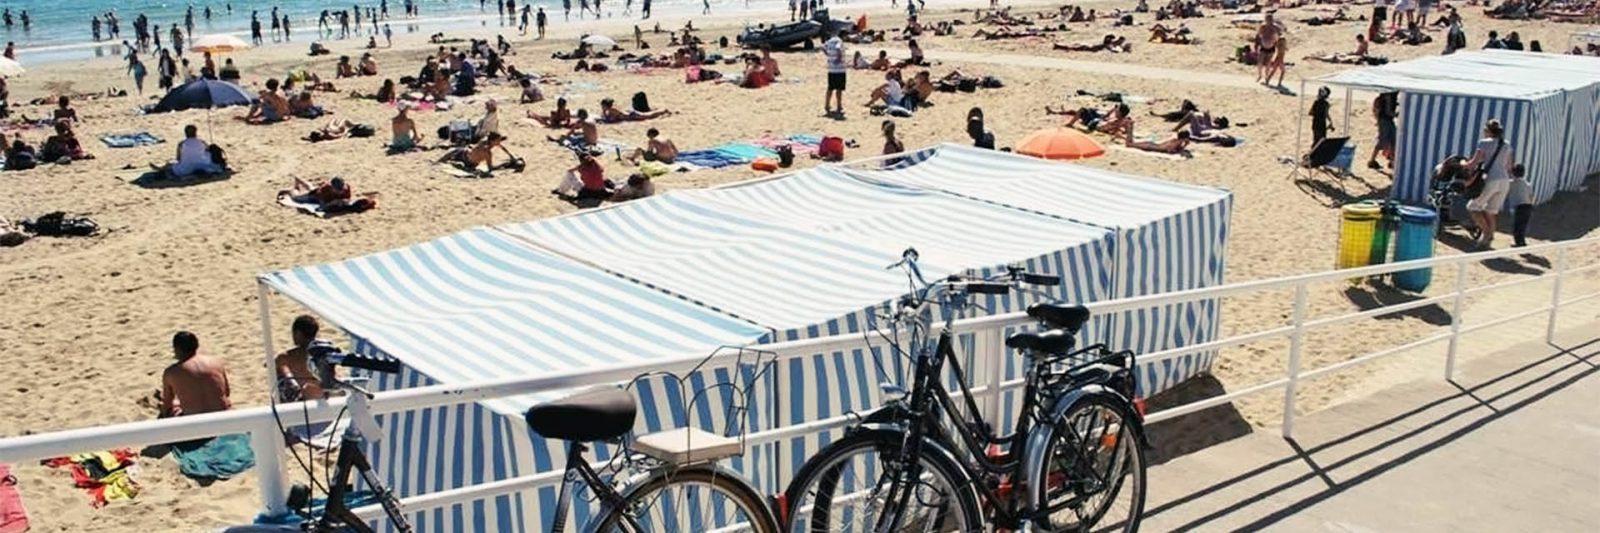 Baignade Plage de la Baule Loire Atlantique